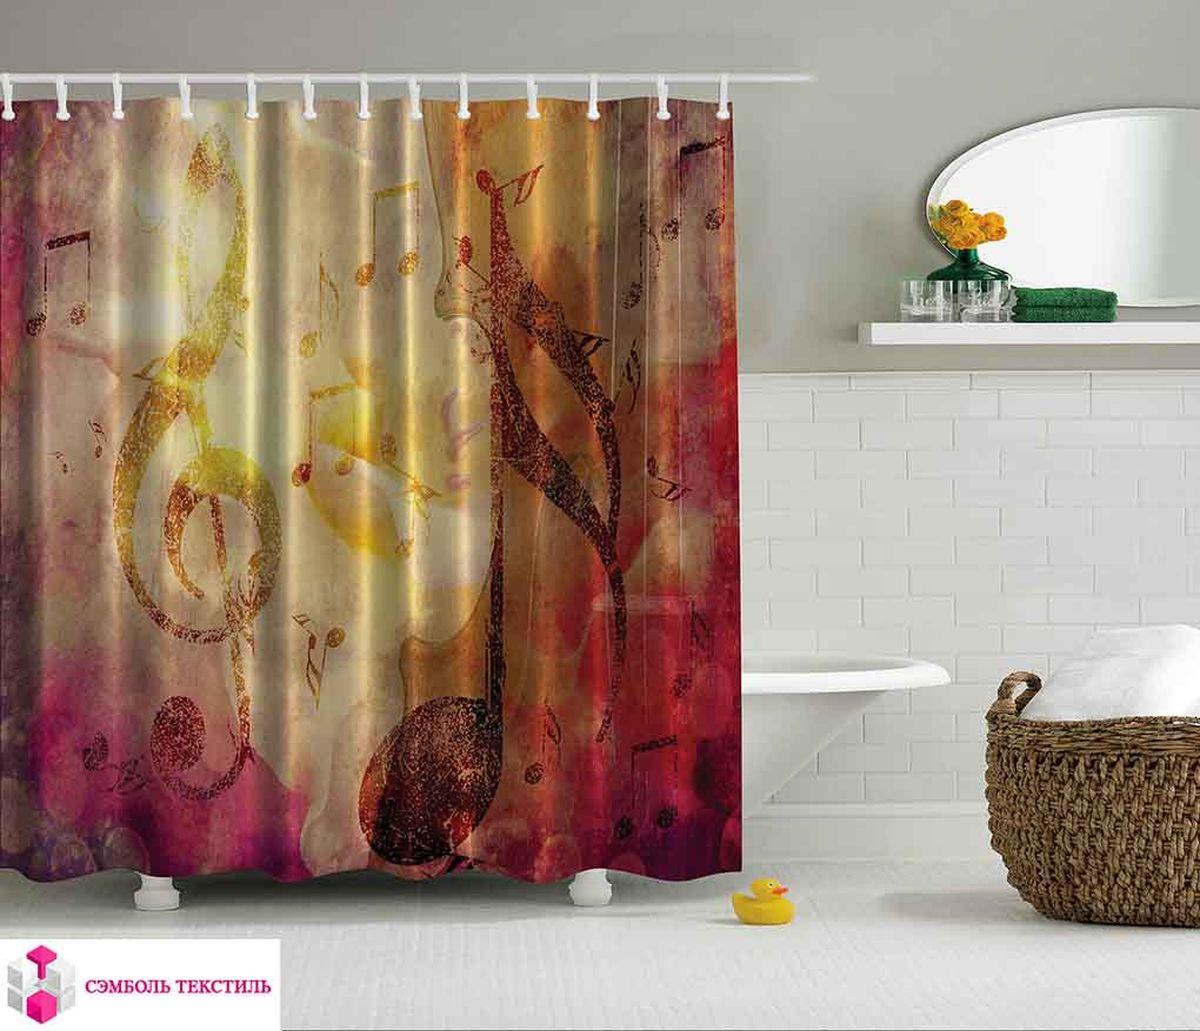 Штора для ванной комнаты Magic Lady Цветомузыка, 180 х 200 см391602Штора Magic Lady Цветомузыка, изготовленная из высококачественного сатена (полиэстер 100%), отлично дополнит любой интерьер ванной комнаты. При изготовлении используются специальные гипоаллергенные чернила для прямой печати по ткани, безопасные для человека.В комплекте: 1 штора, 12 крючков. Обращаем ваше внимание, фактический цвет изделия может незначительно отличаться от представленного на фото.